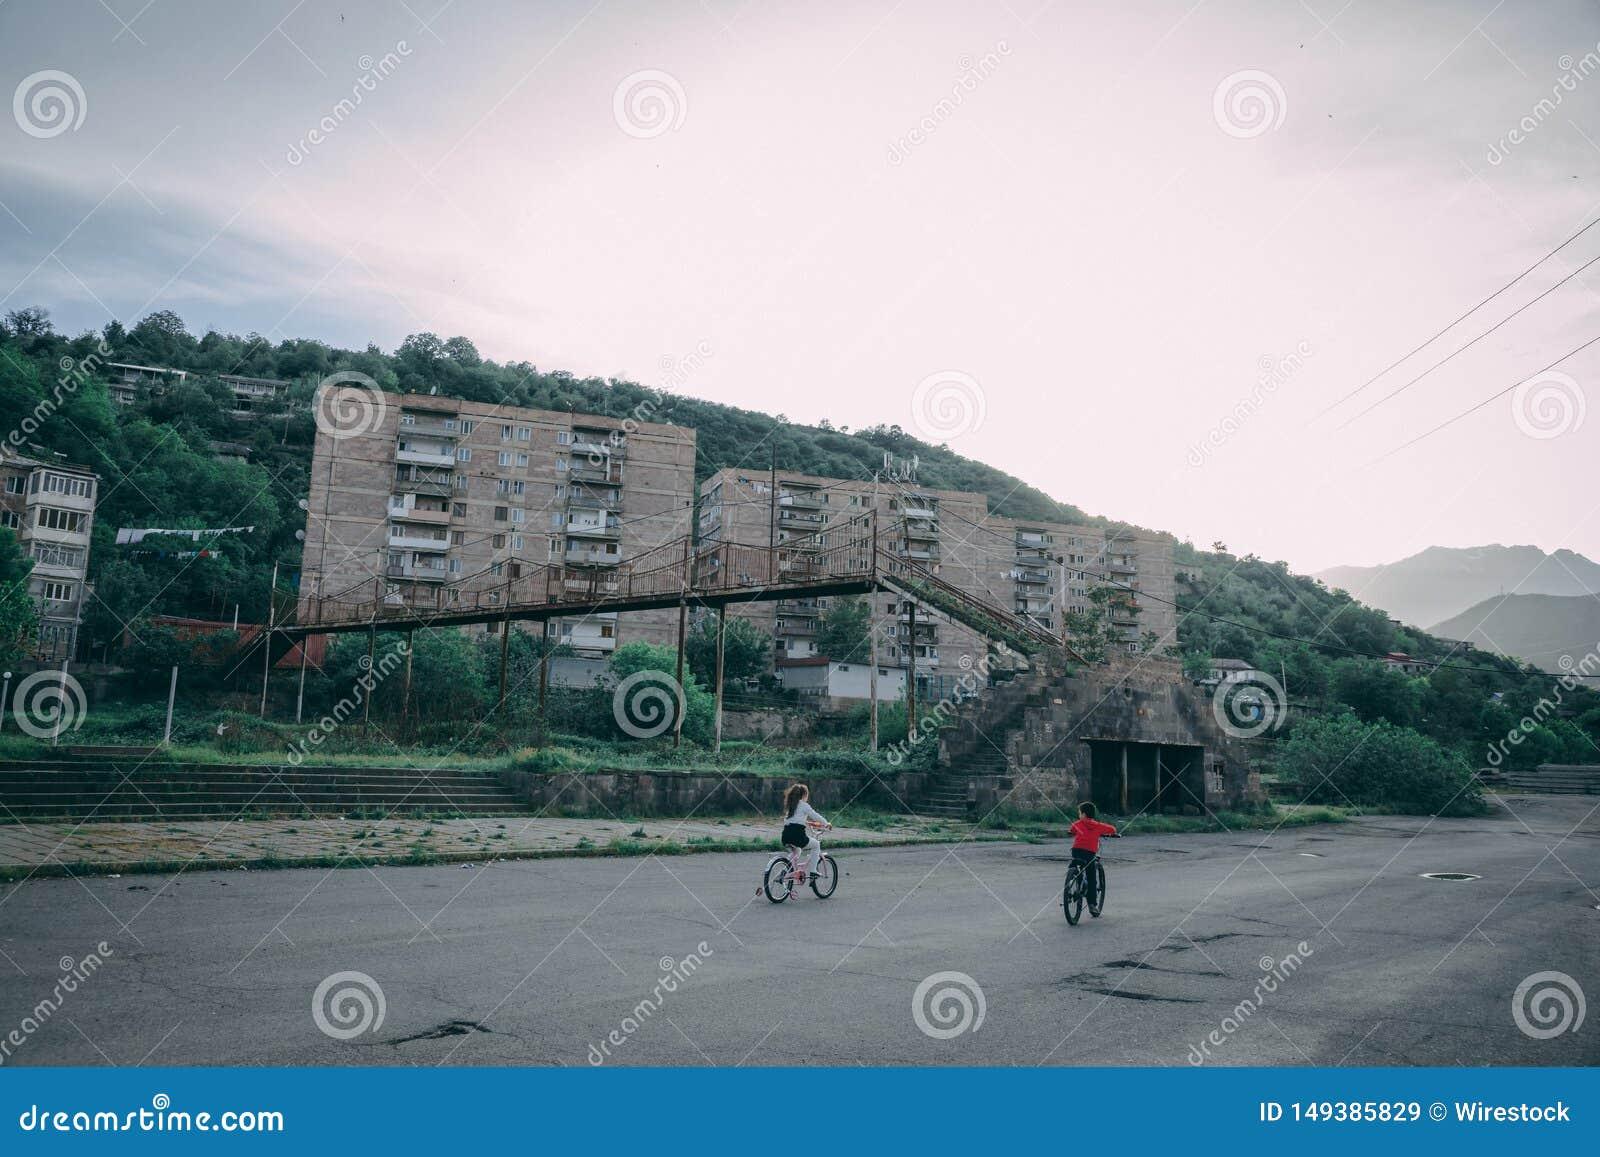 Παιδιά που οδηγούν τα ποδήλατα στο πάρκο μιας προαστιακής πόλης